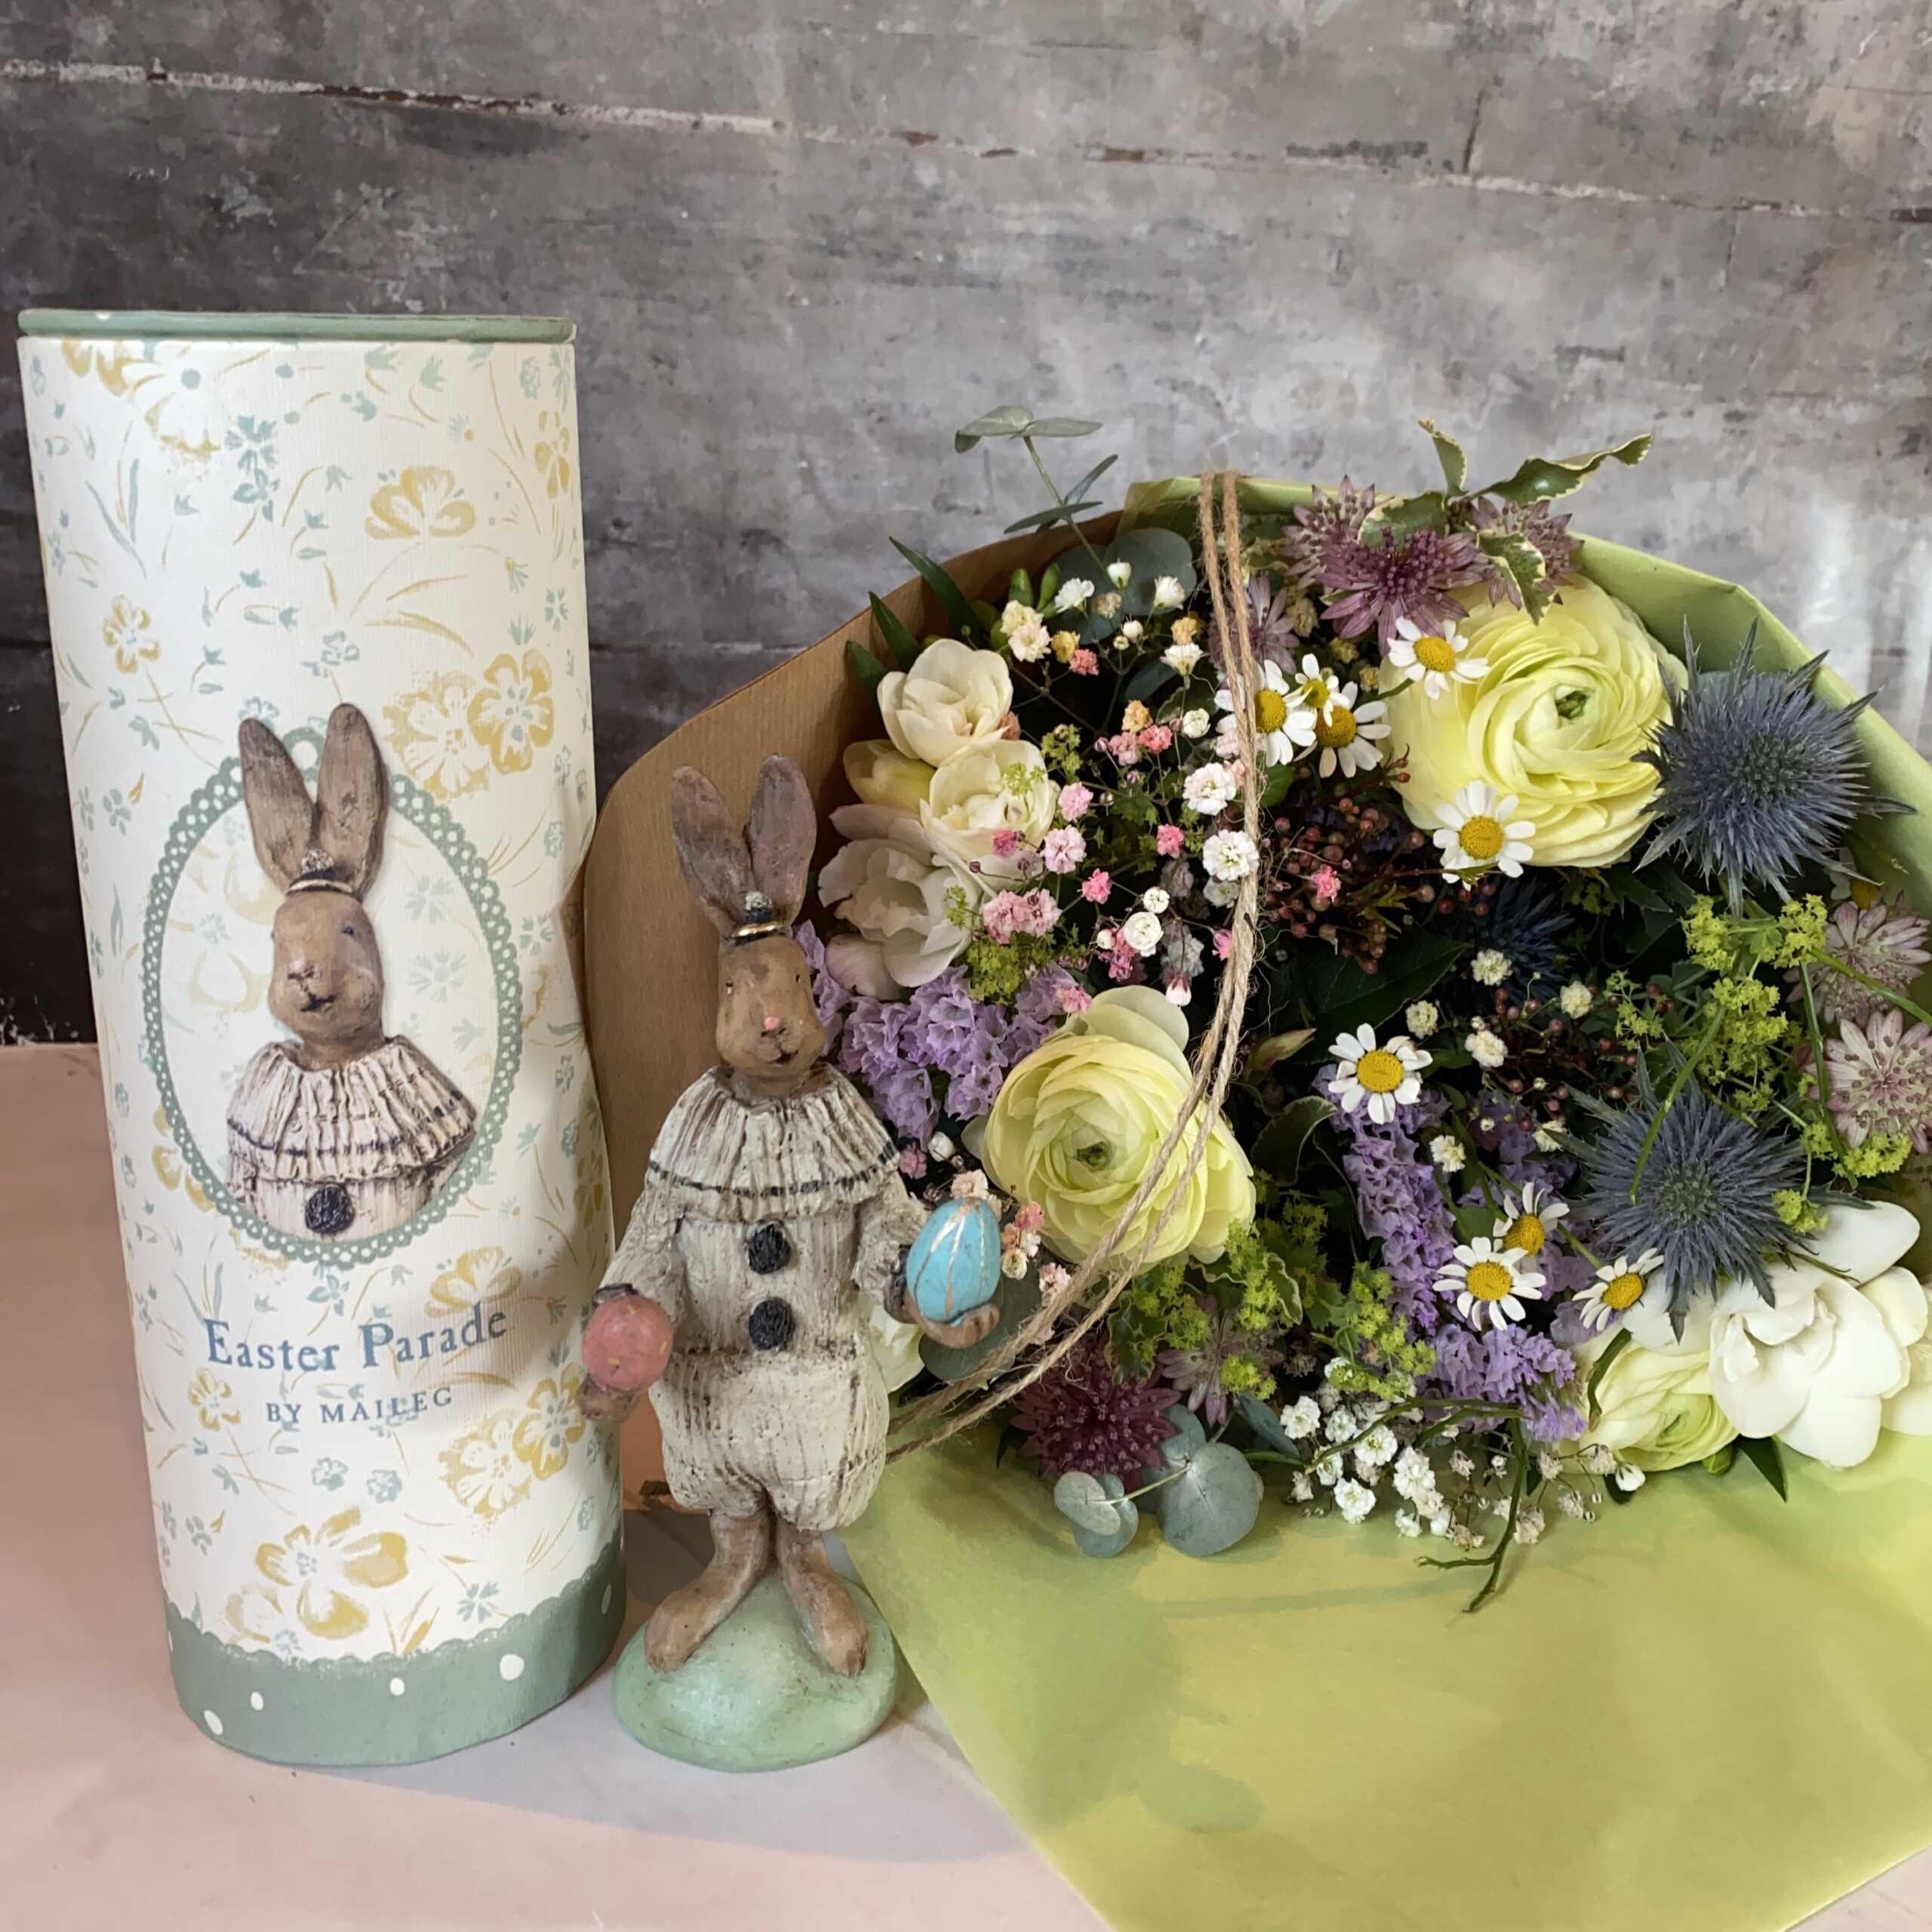 Maileg-kanin og smuk påskebuket ~ 400 kr.